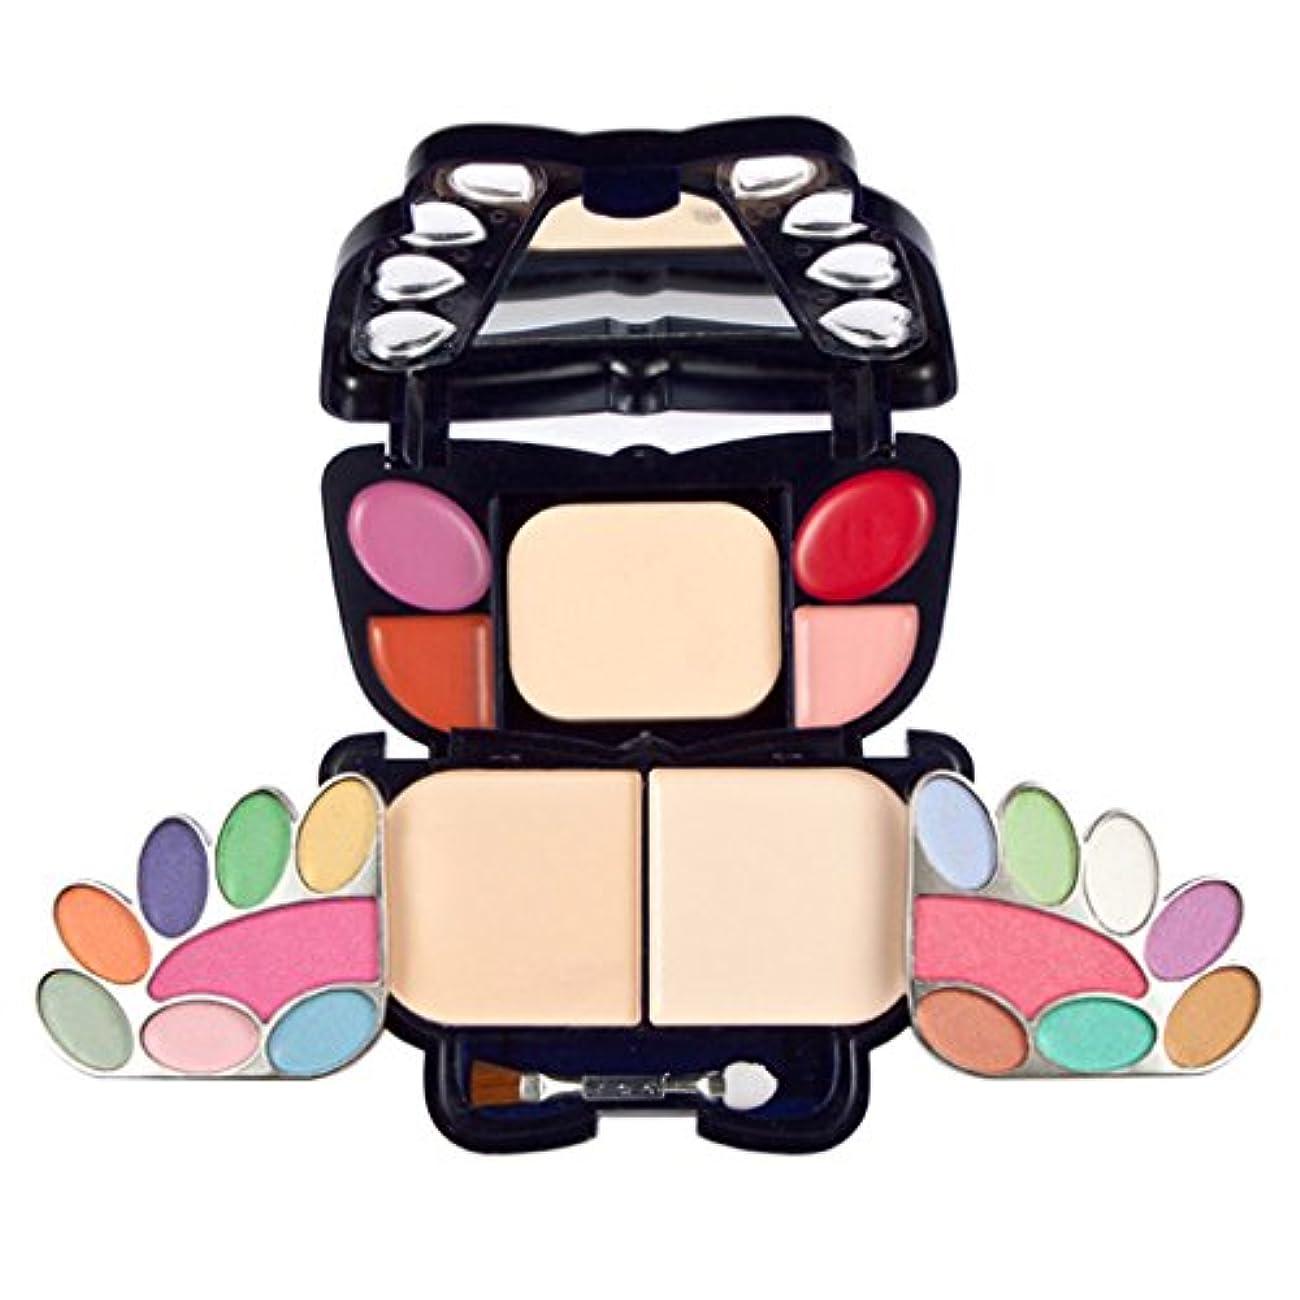 同行する梨折るメイクパレット アイシャドウ 毛穴隠す バタフライ 化粧パレット カラーメイクアップパレット